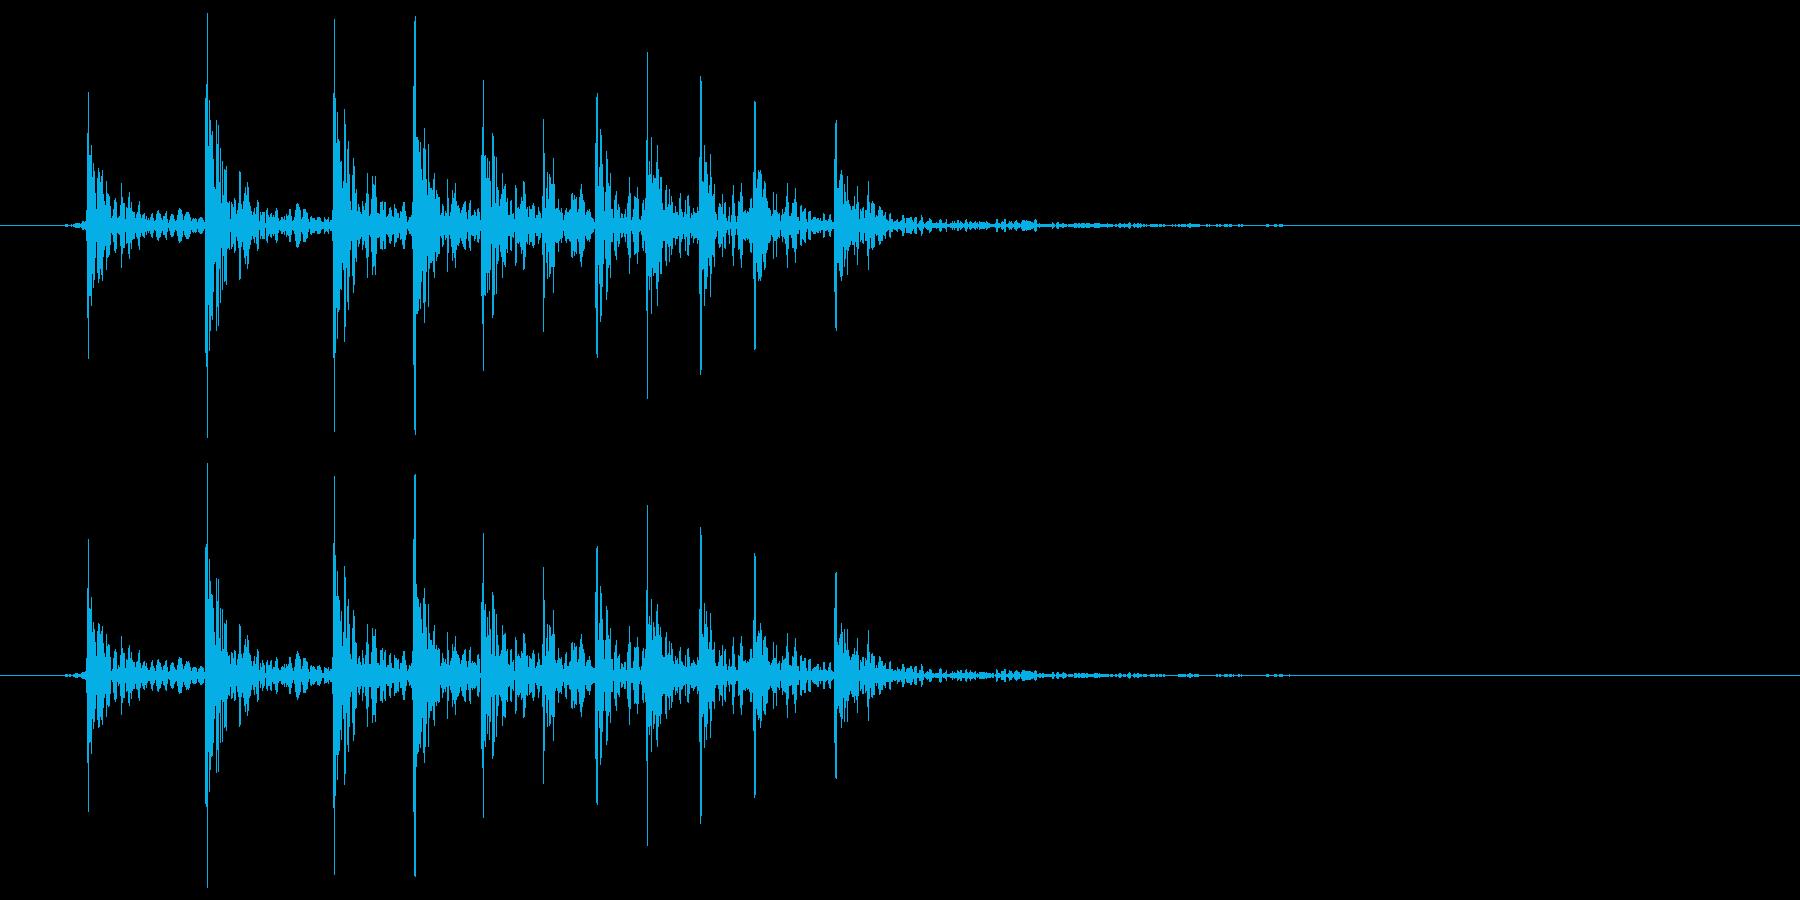 軋む(床など) ギィの再生済みの波形